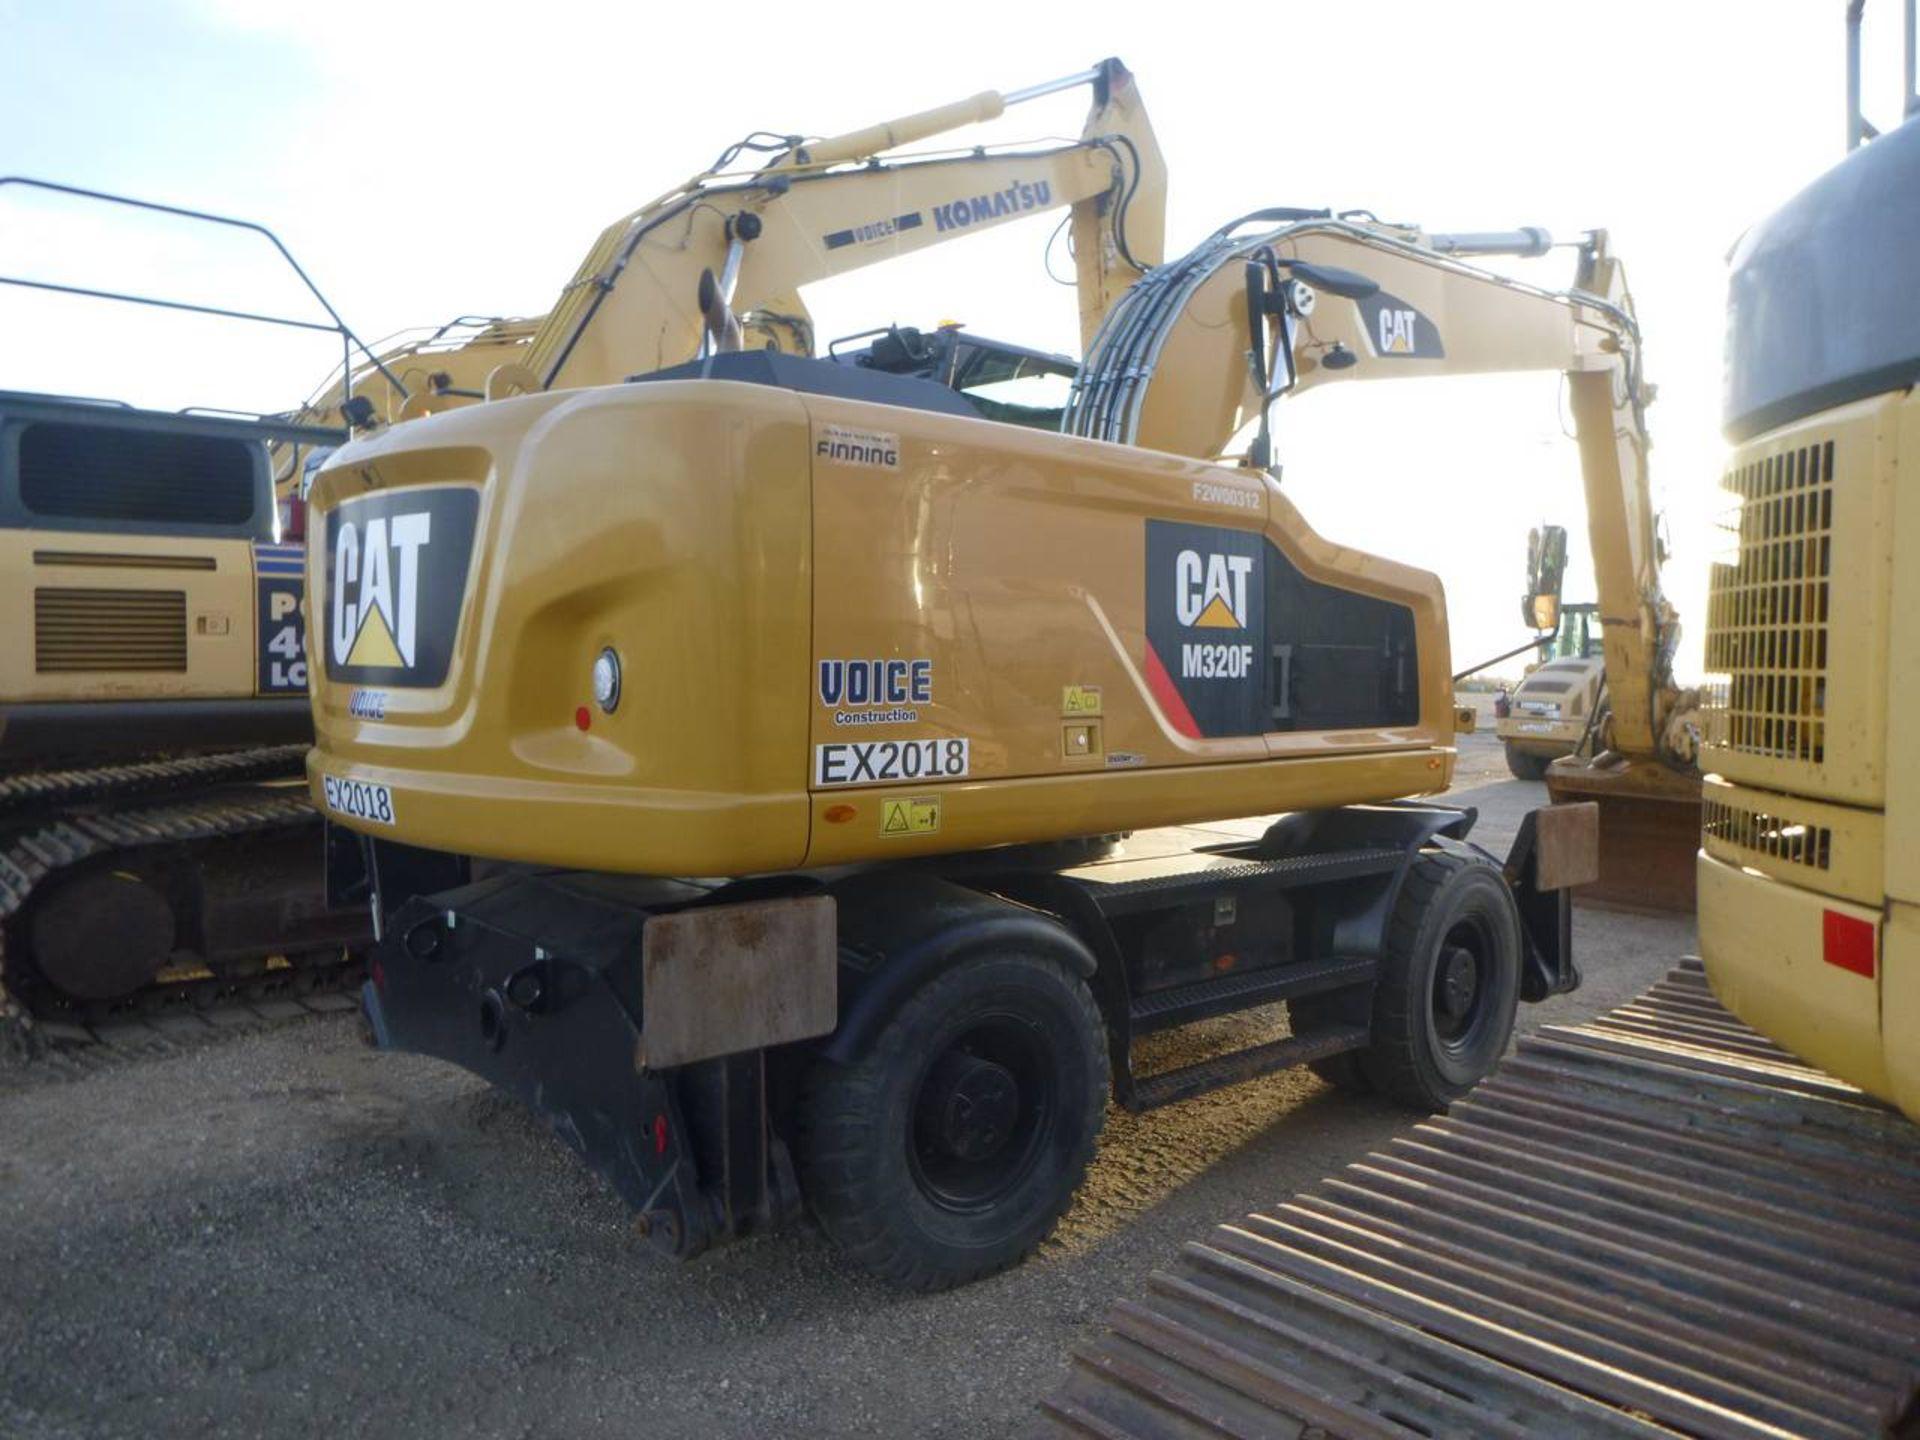 2015 Caterpillar M320F Wheel Excavator - Image 7 of 18